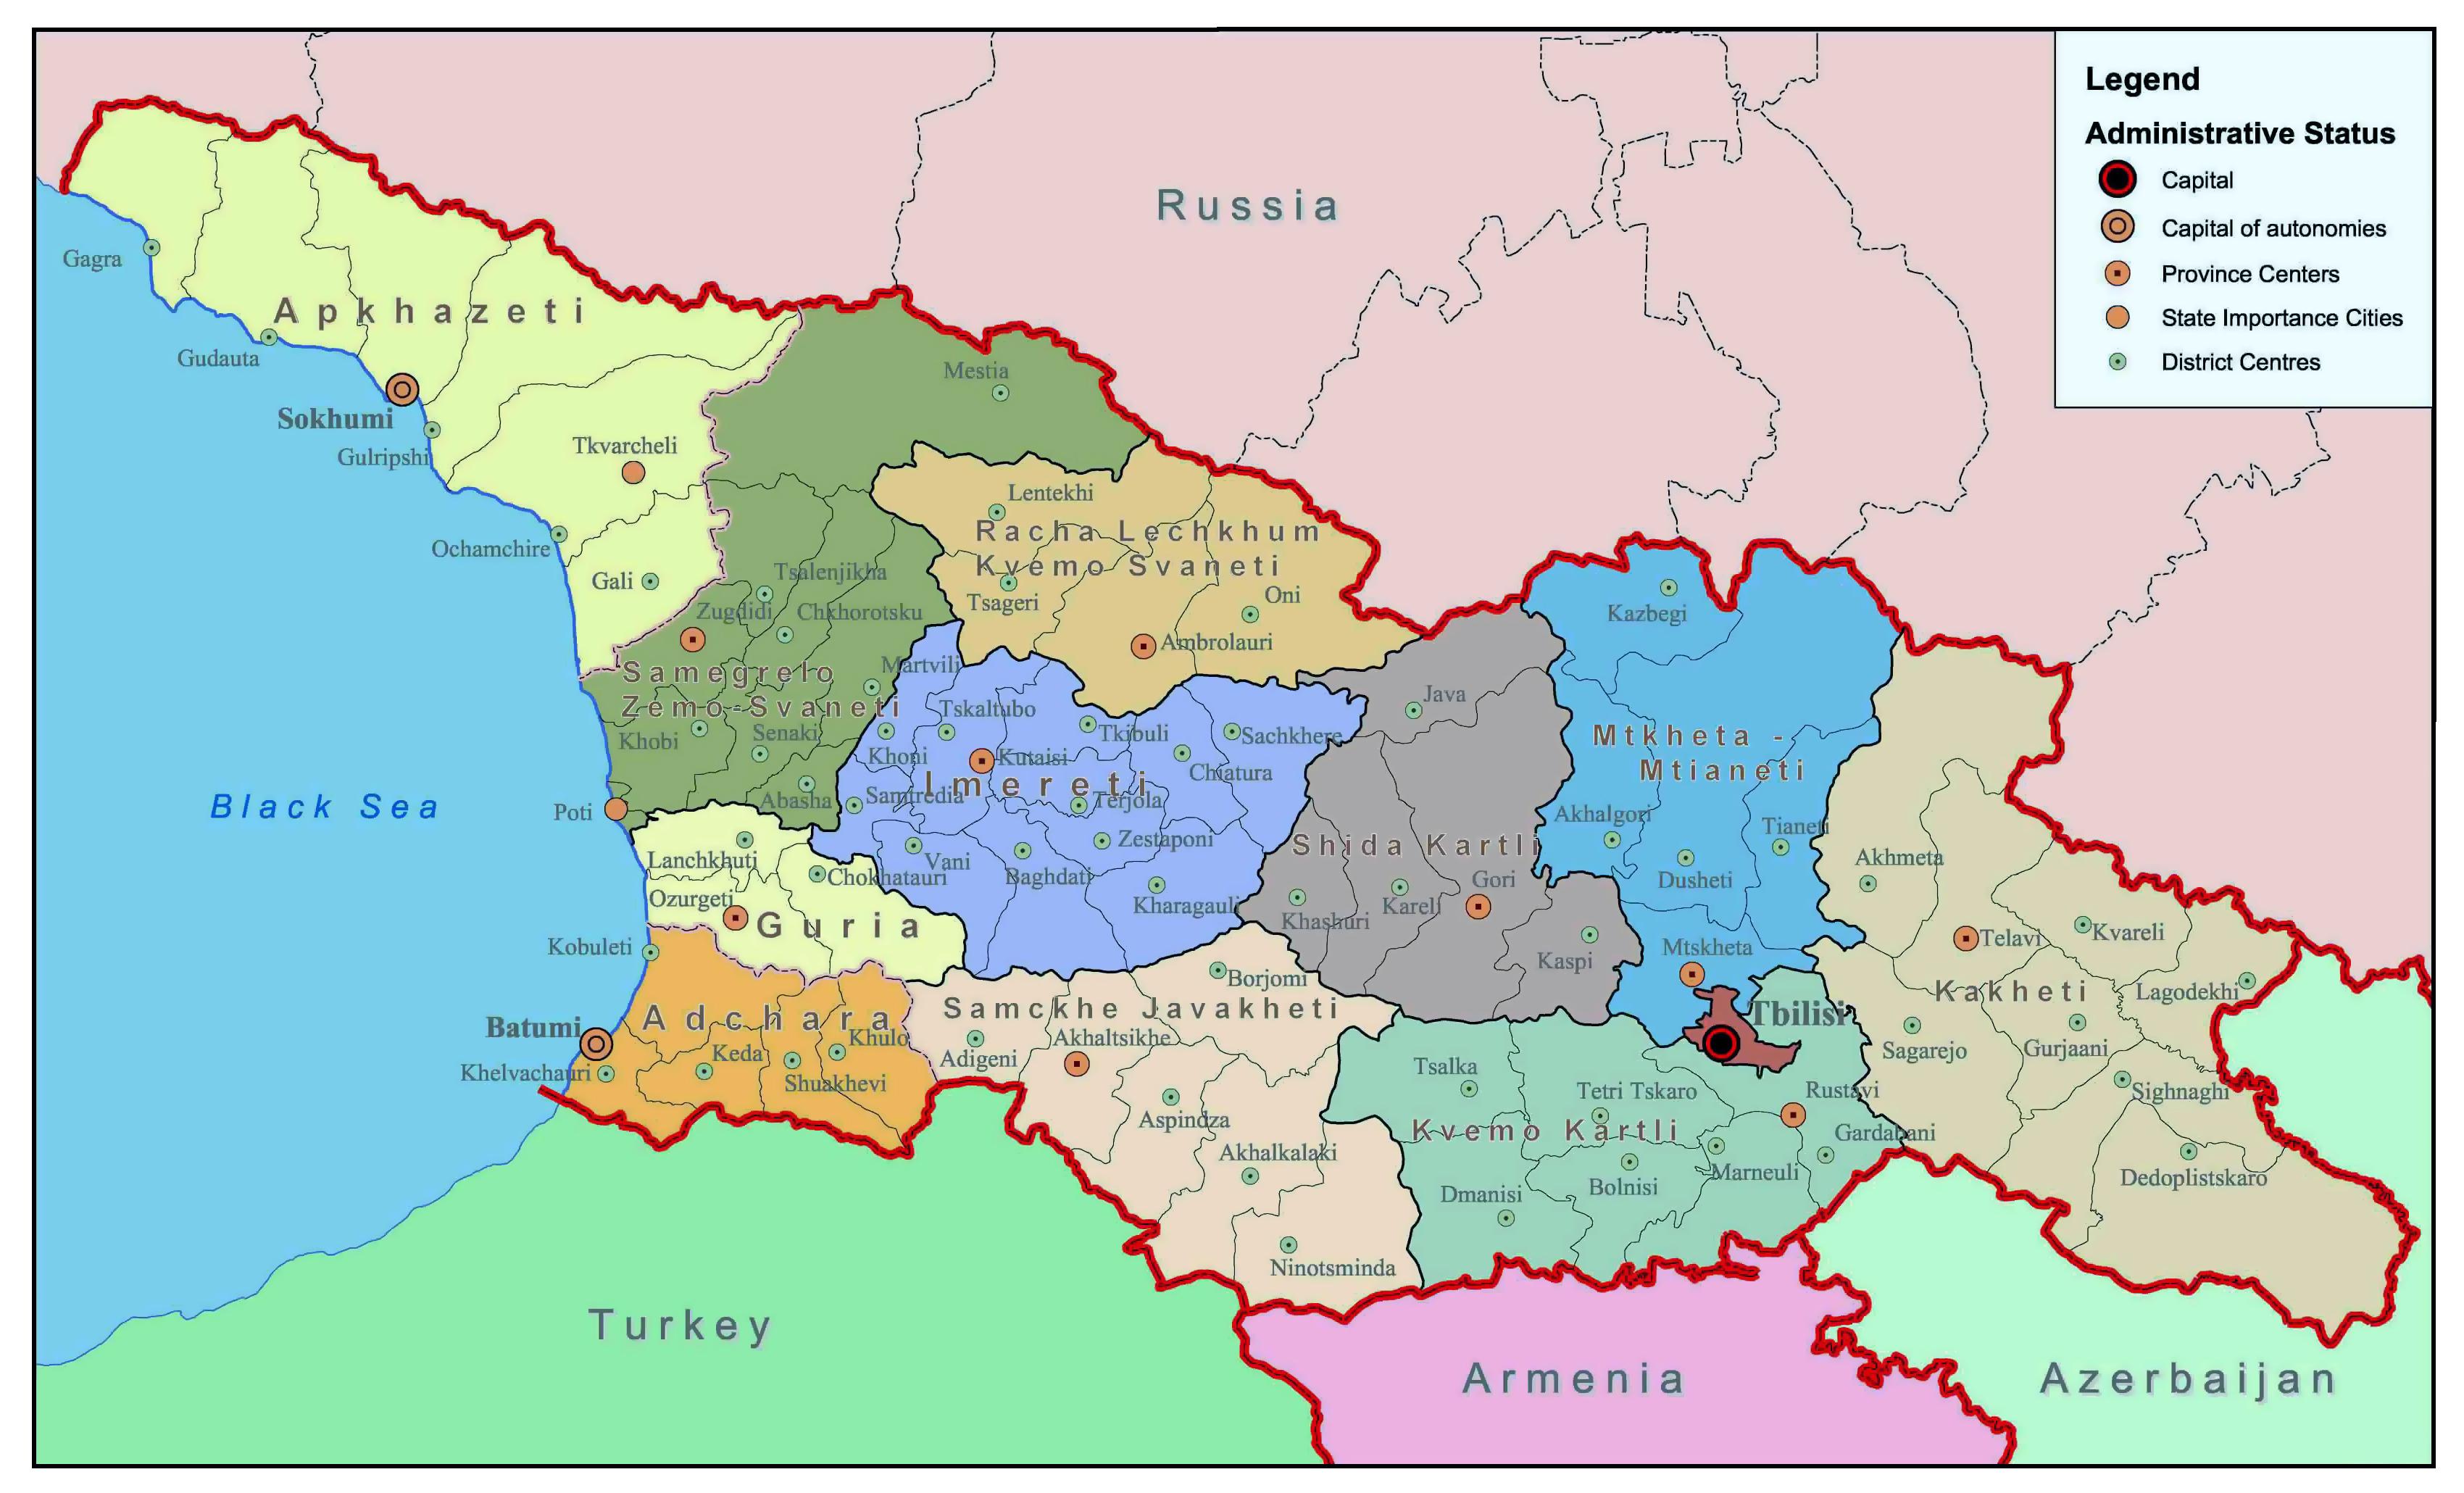 Large detailed administrative map of Georgia | Georgia ... on map of italy, blue ridge georgia, dallas georgia, map of africa, map of texas, map of michigan, marietta georgia, map of the world, roswell georgia, albany georgia, jekyll island georgia, kennesaw georgia, map of south america, map of europe, map of north carolina, map of canada, gainesville georgia, waycross georgia, map of china, map of germany, statesboro georgia, map south carolina, duluth georgia, newnan georgia, map of usa, map alabama, canton georgia, decatur georgia, plains georgia, map of virginia, savanna georgia, tifton georgia, map of mexico, map of florida, dacula georgia, map of the united states, map of ohio,